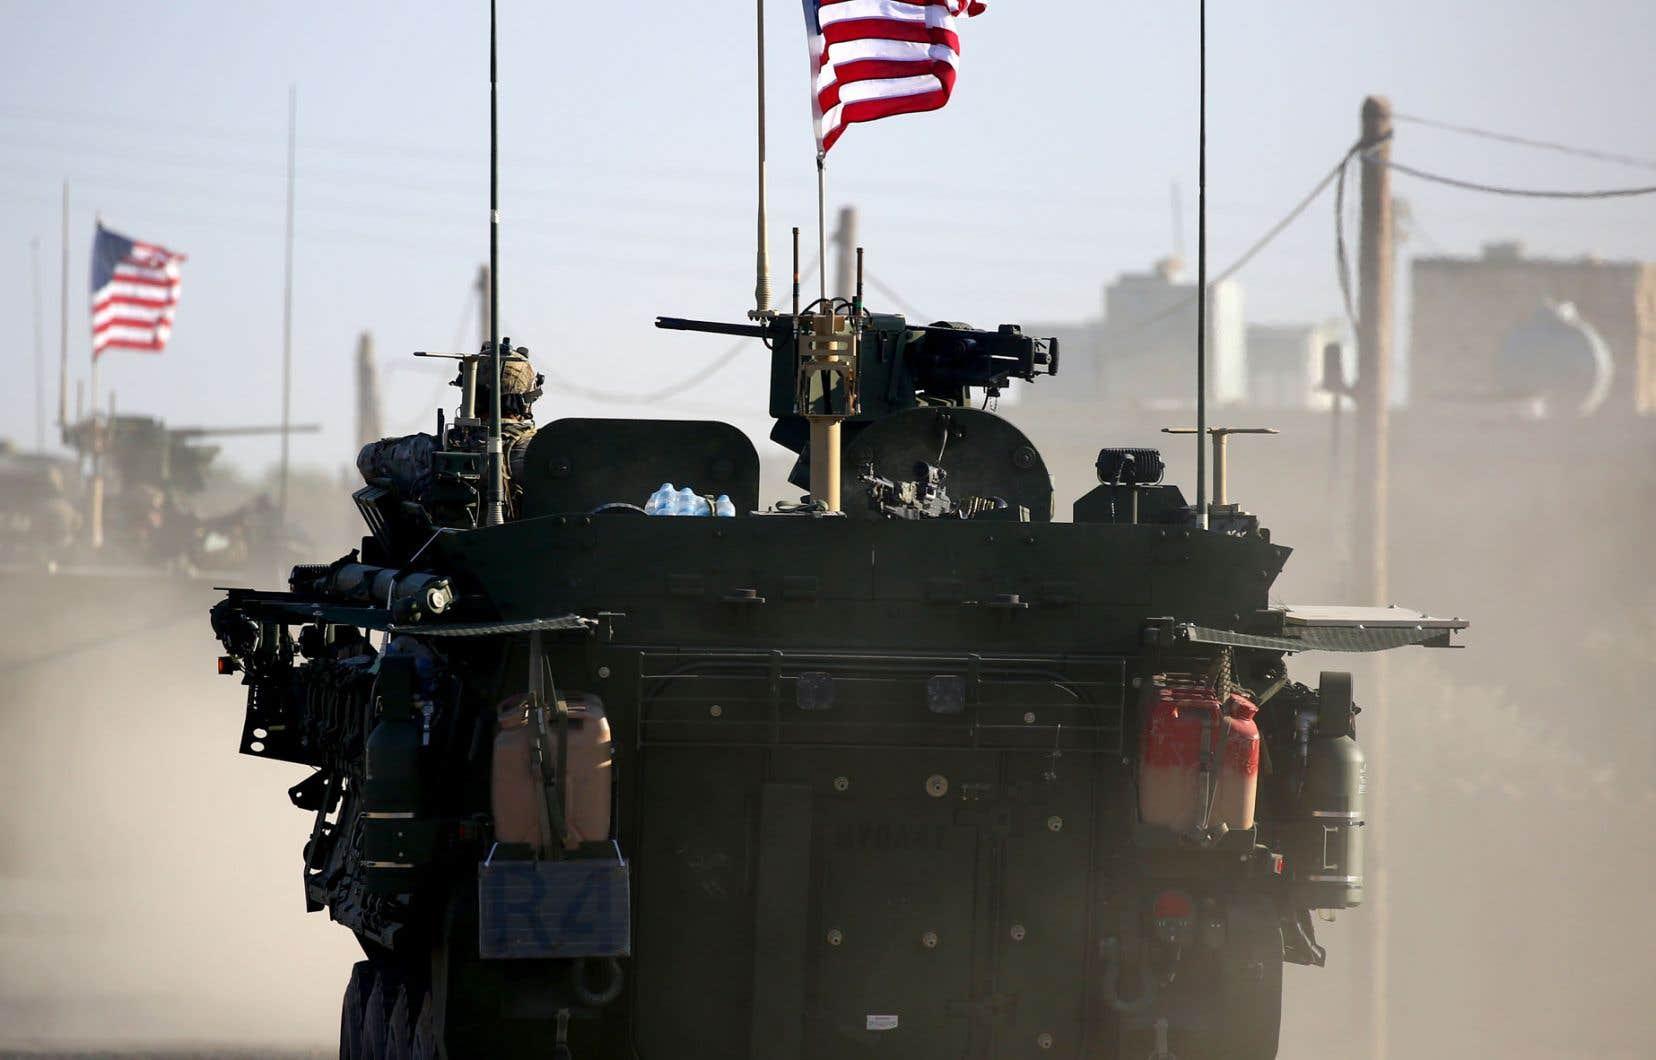 Quelque 2000 soldats américains sont actuellement déployés dans le nord de la Syrie, essentiellement des forces spéciales présentes pour combattre le groupeEI et entraîner les forces locales dans les zones reprises aux djihadistes.